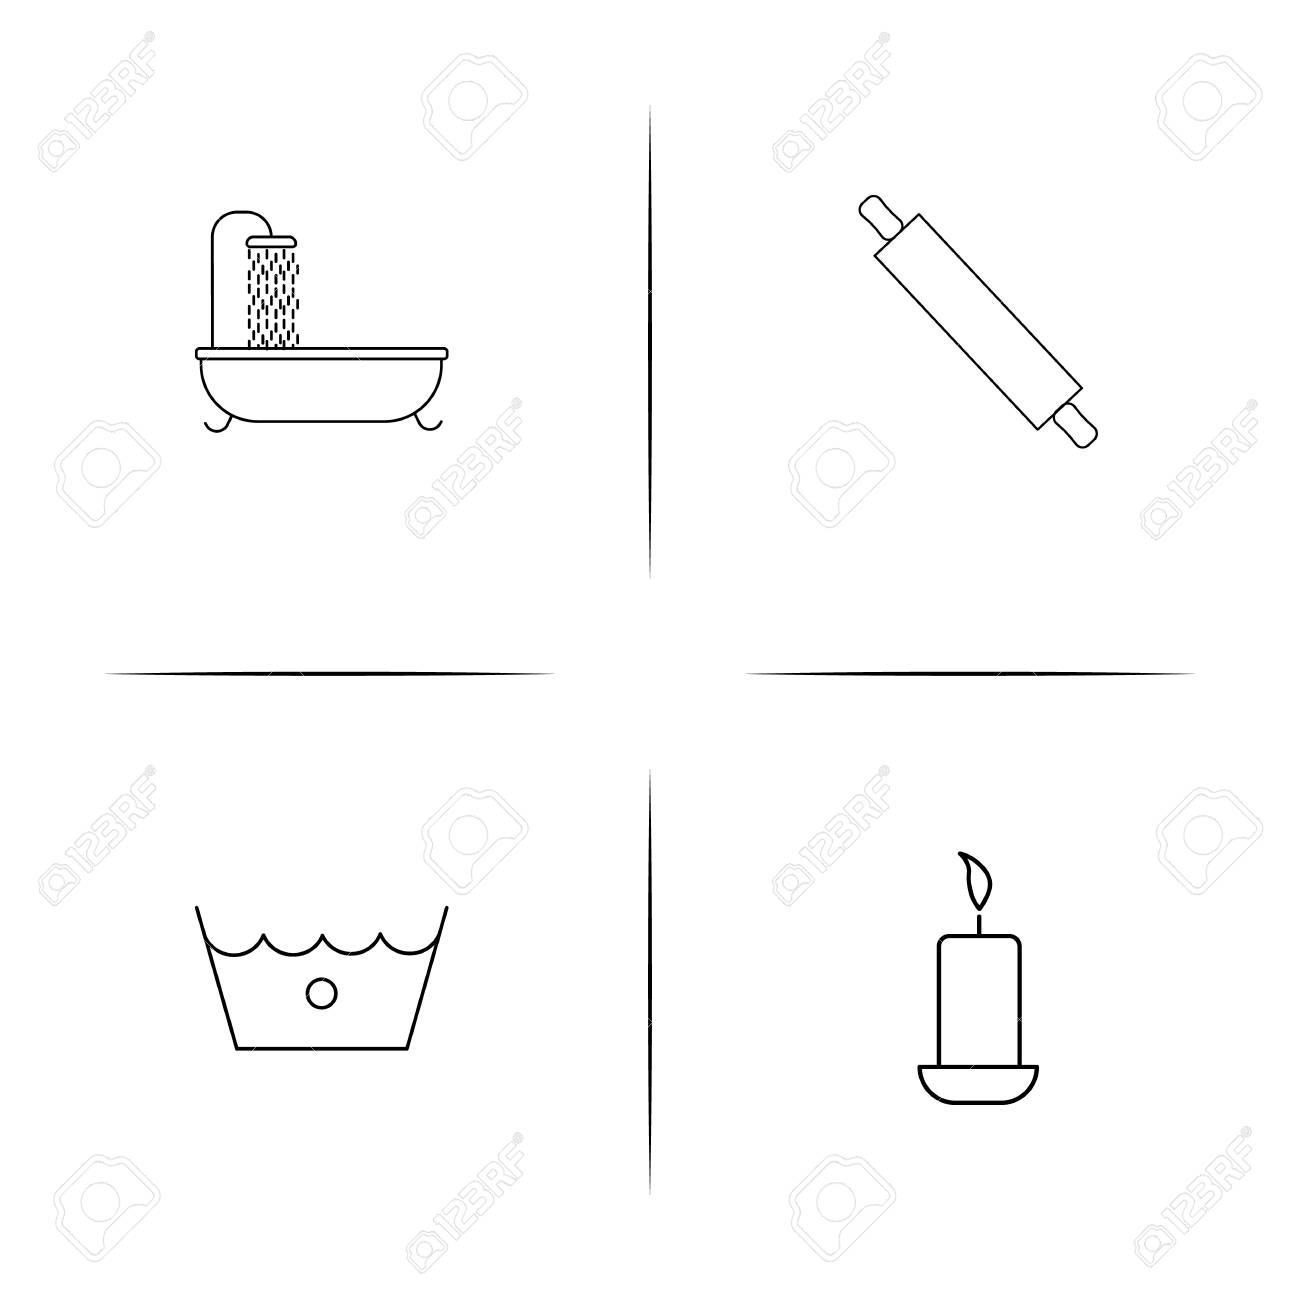 cdd945d2038e4 Electrodomésticos y equipos simples relacionados con la sombra icono de los  símbolos del esquema Foto de